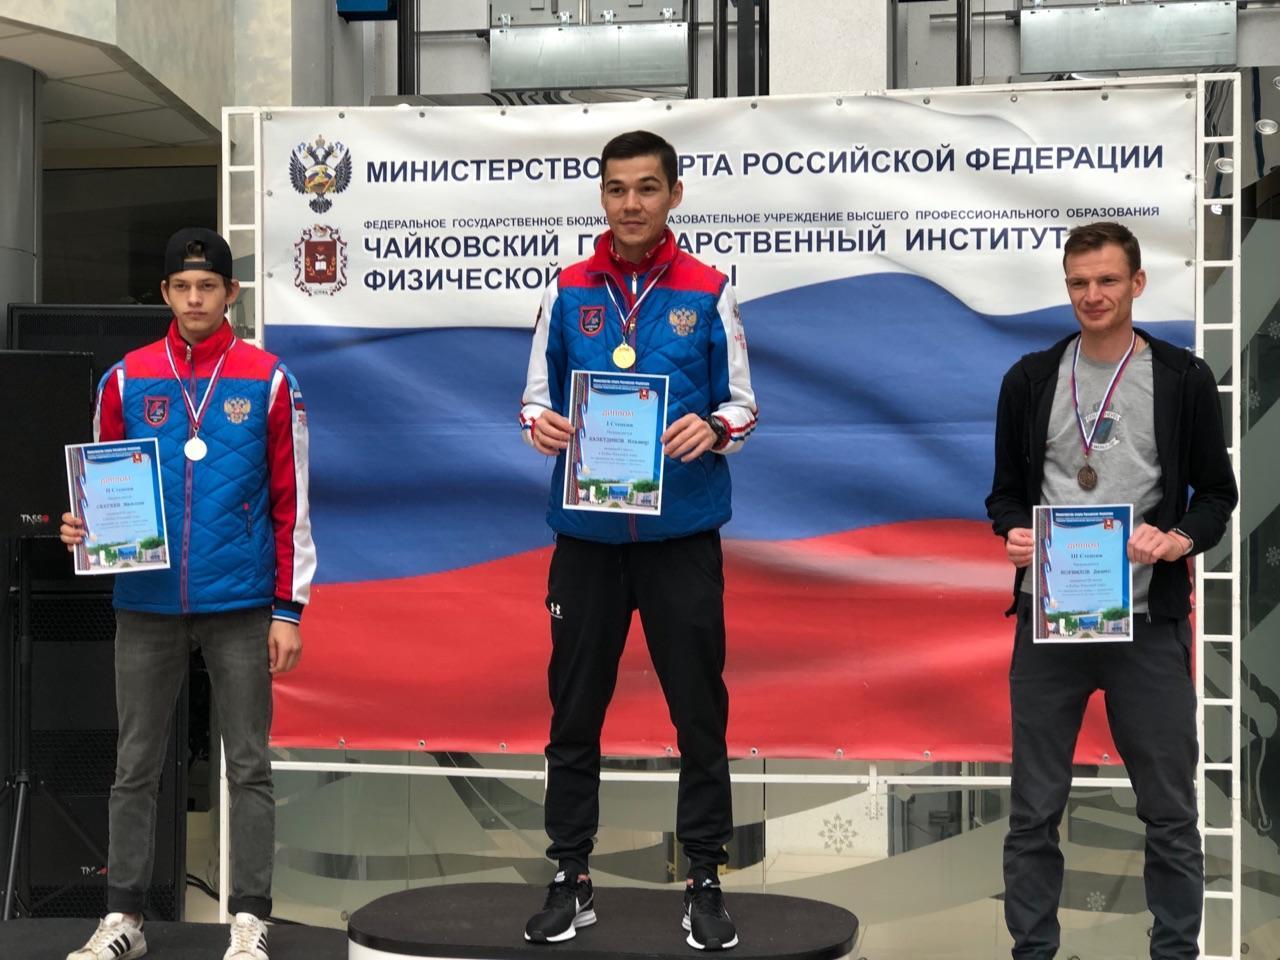 IV этап летнего Кубка России по прыжкам на лыжах с трамплина